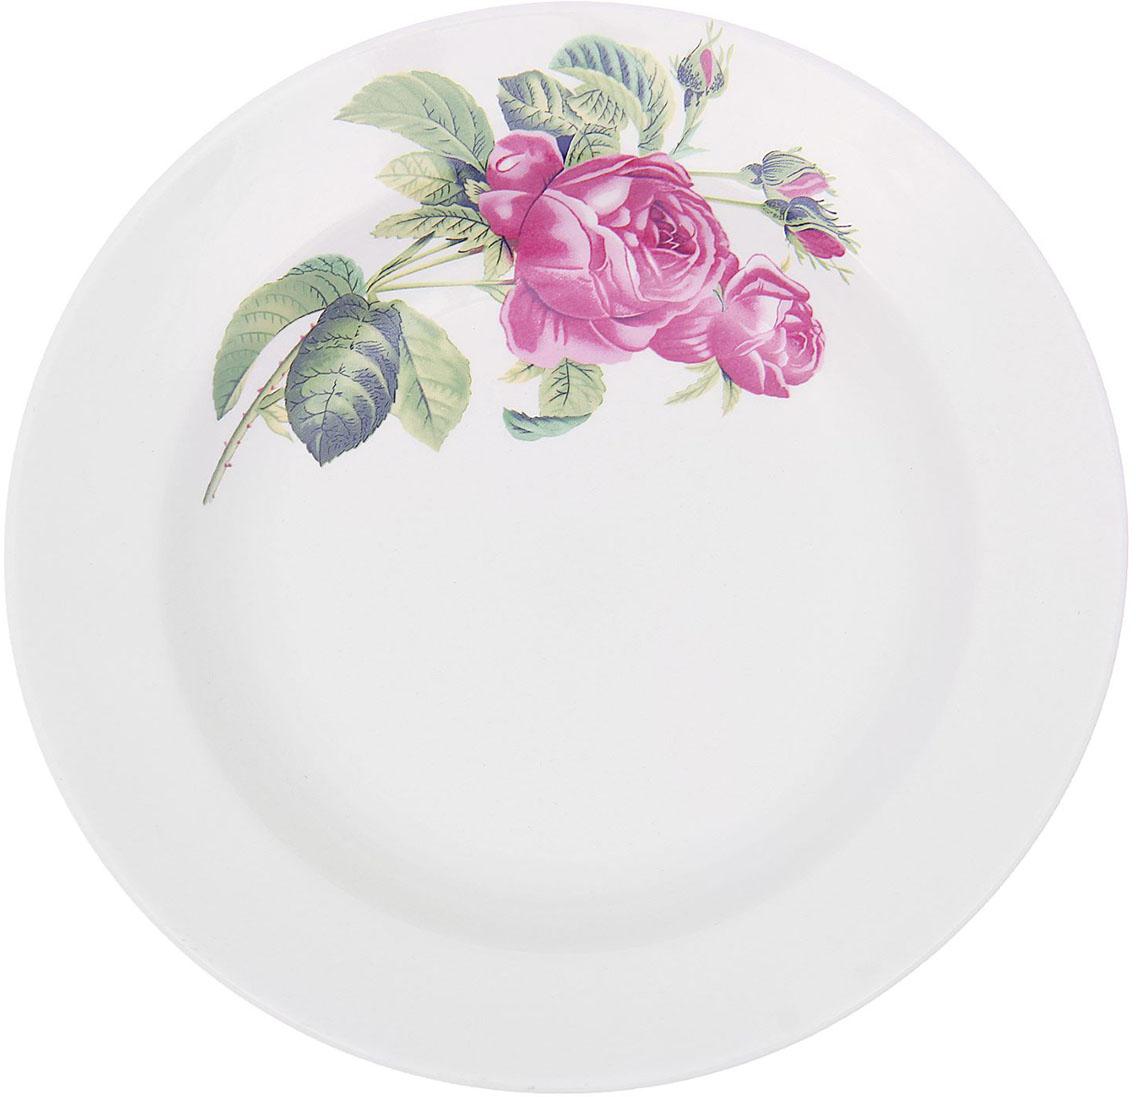 Тарелка глубокая Керамика ручной работы. Роза Кавказа, диаметр 20 см1821324Данная тарелка понравится любителям вкусной и полезной домашней пищи. Такая посуда практична и красива, в ней можно хранить и подавать разнообразные блюда. При многократном использовании изделие сохранит свой вид и выдержит мытье в посудомоечной машине. В керамической емкости горячая пища долго сохраняет свое тепло, остуженные блюда остаются прохладными. Изделие не выделяет вредных веществ при нагревании и длительном хранении за счет экологичности материала.